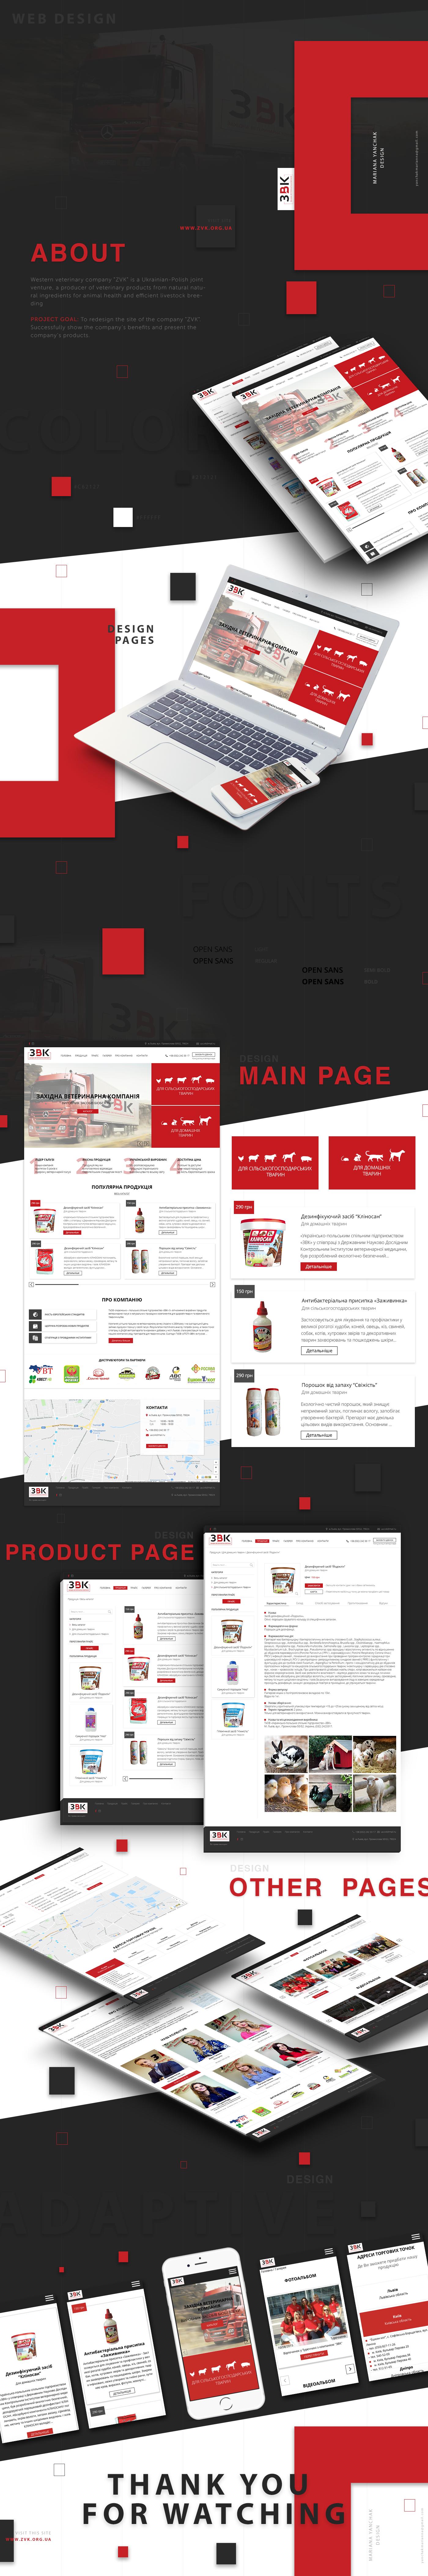 Web Design  web site landing page design web site design UI ux web-design ui ux Responsive Design